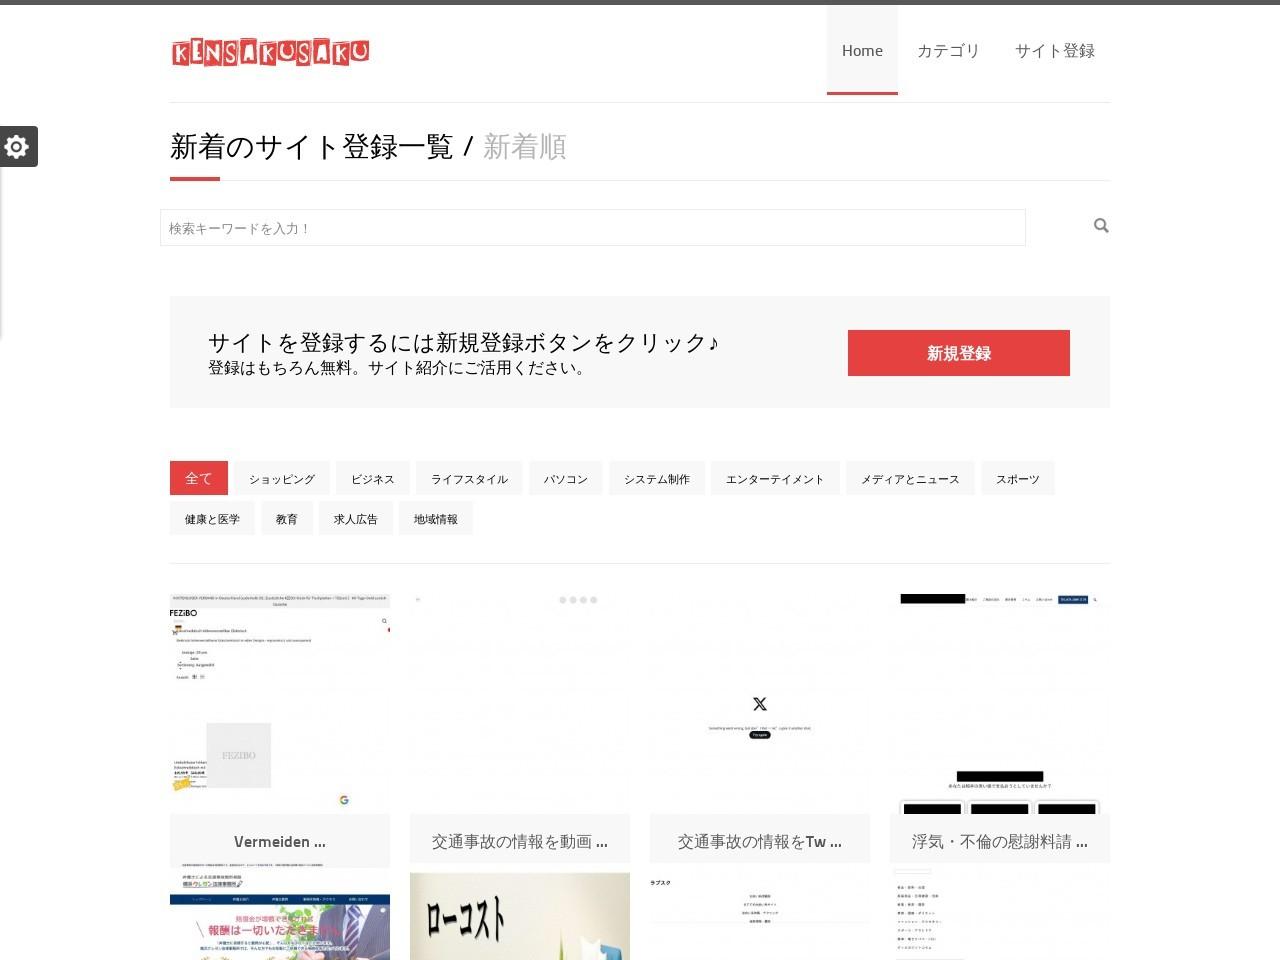 検索エンジン Kensakusaku